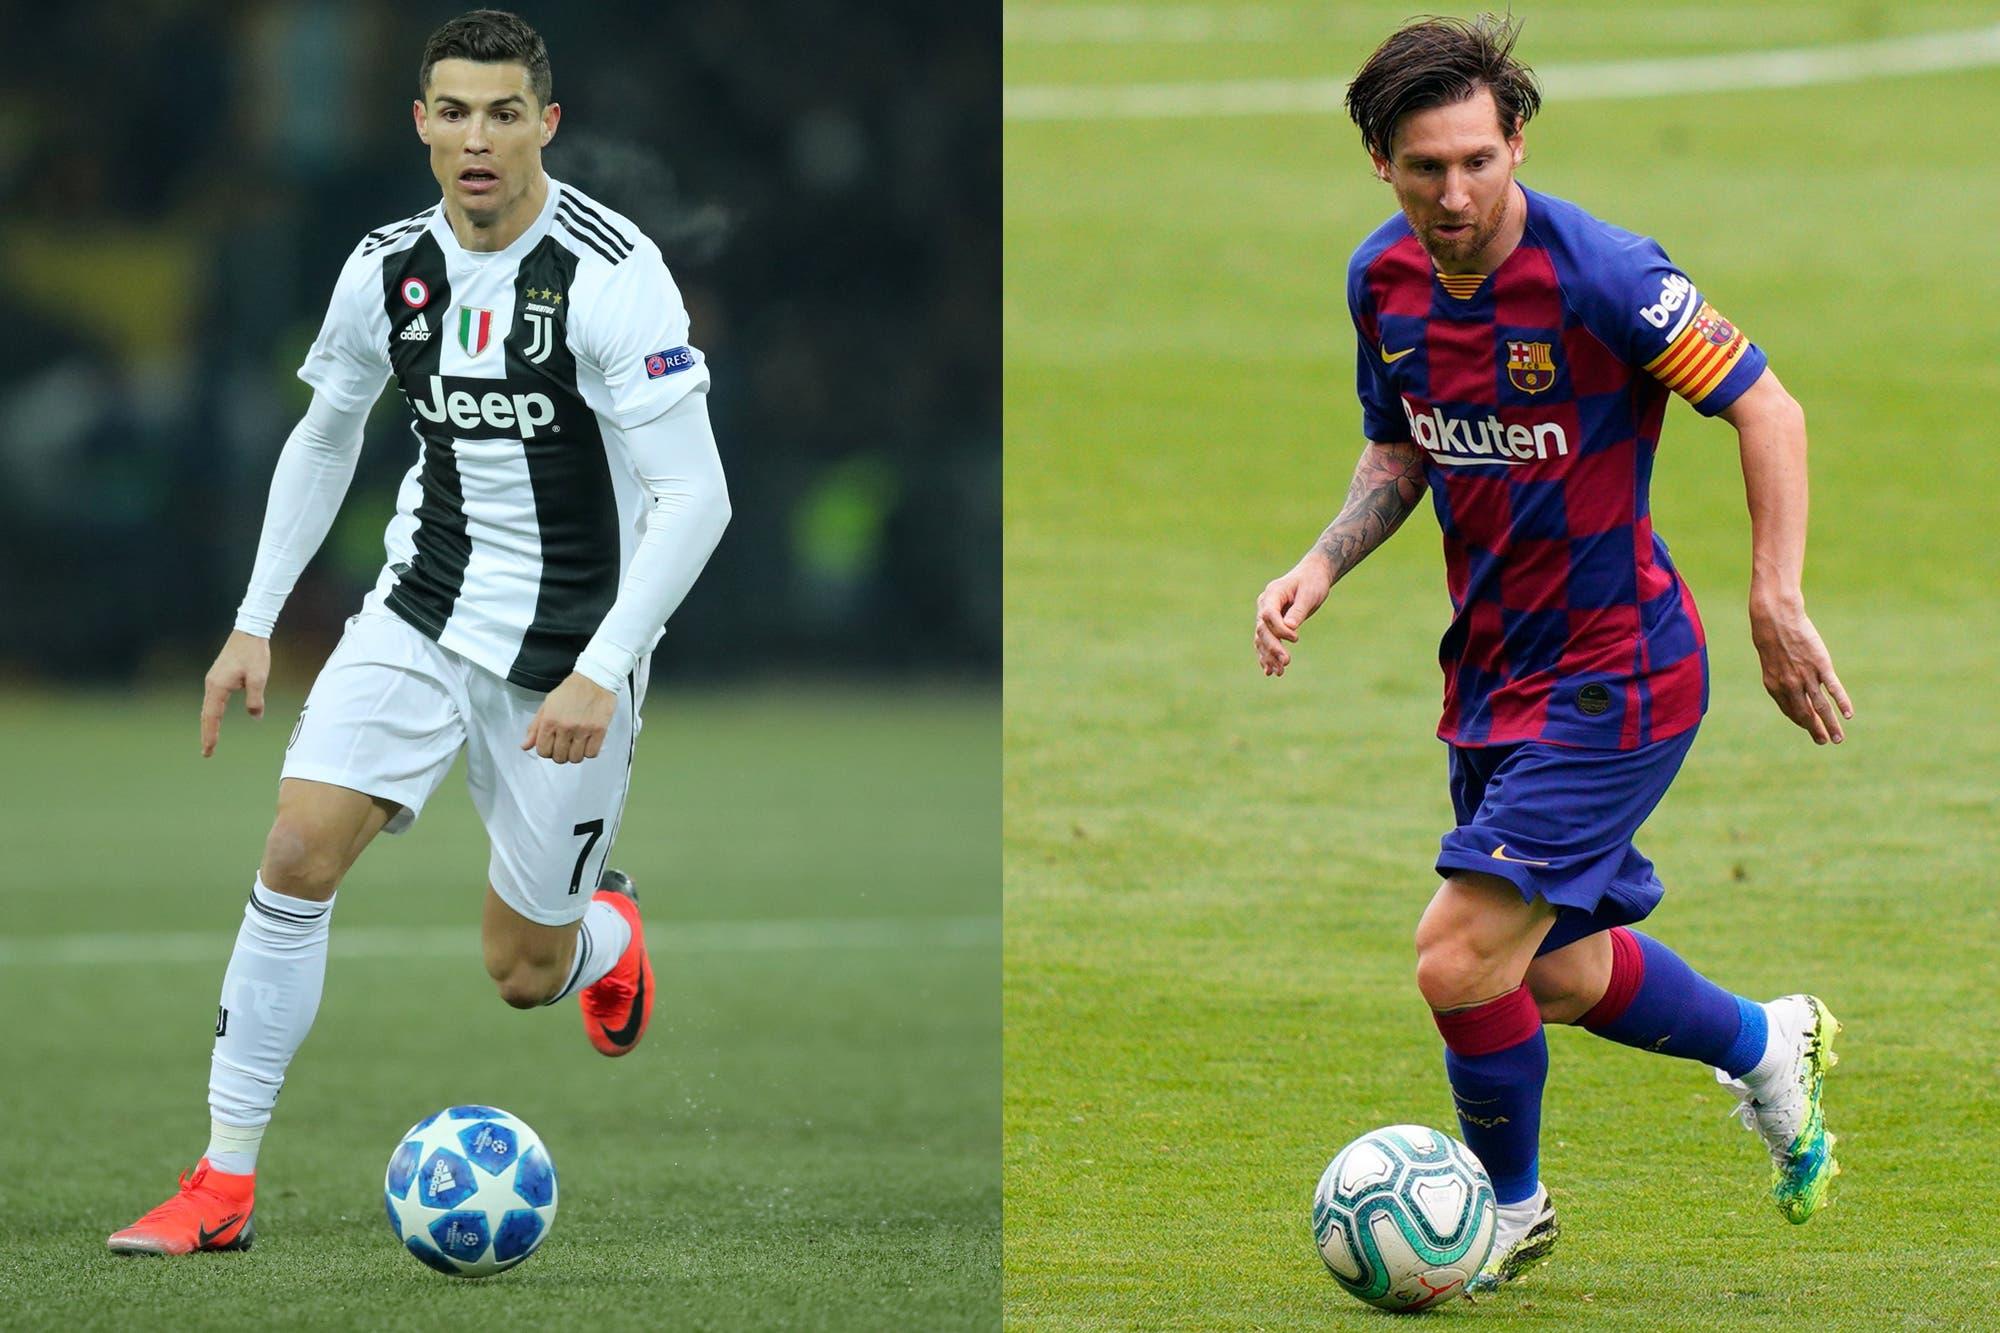 Lionel Messi vs. Cristiano Ronaldo: cómo quedó el portugués en la lucha por quién tiene más títulos